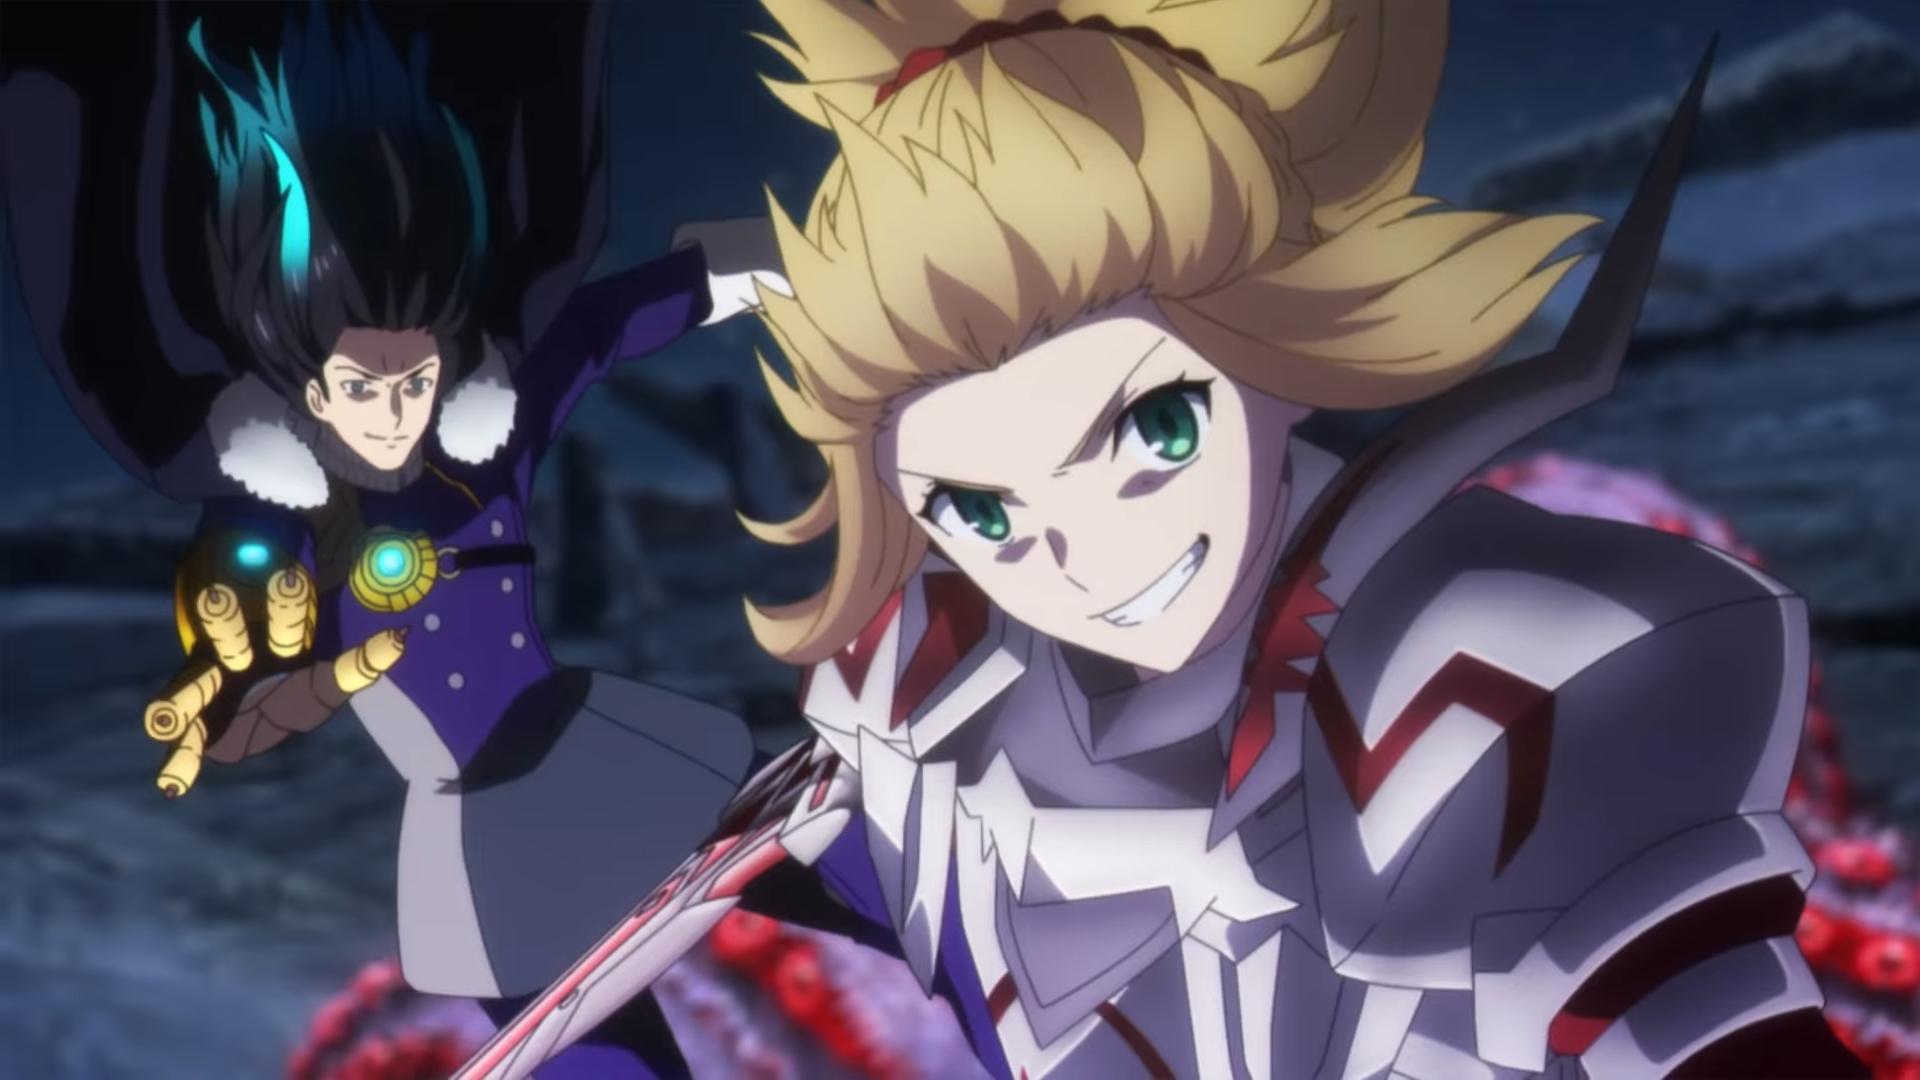 Los caballeros llegan en la nueva película de Fate / Grand Order